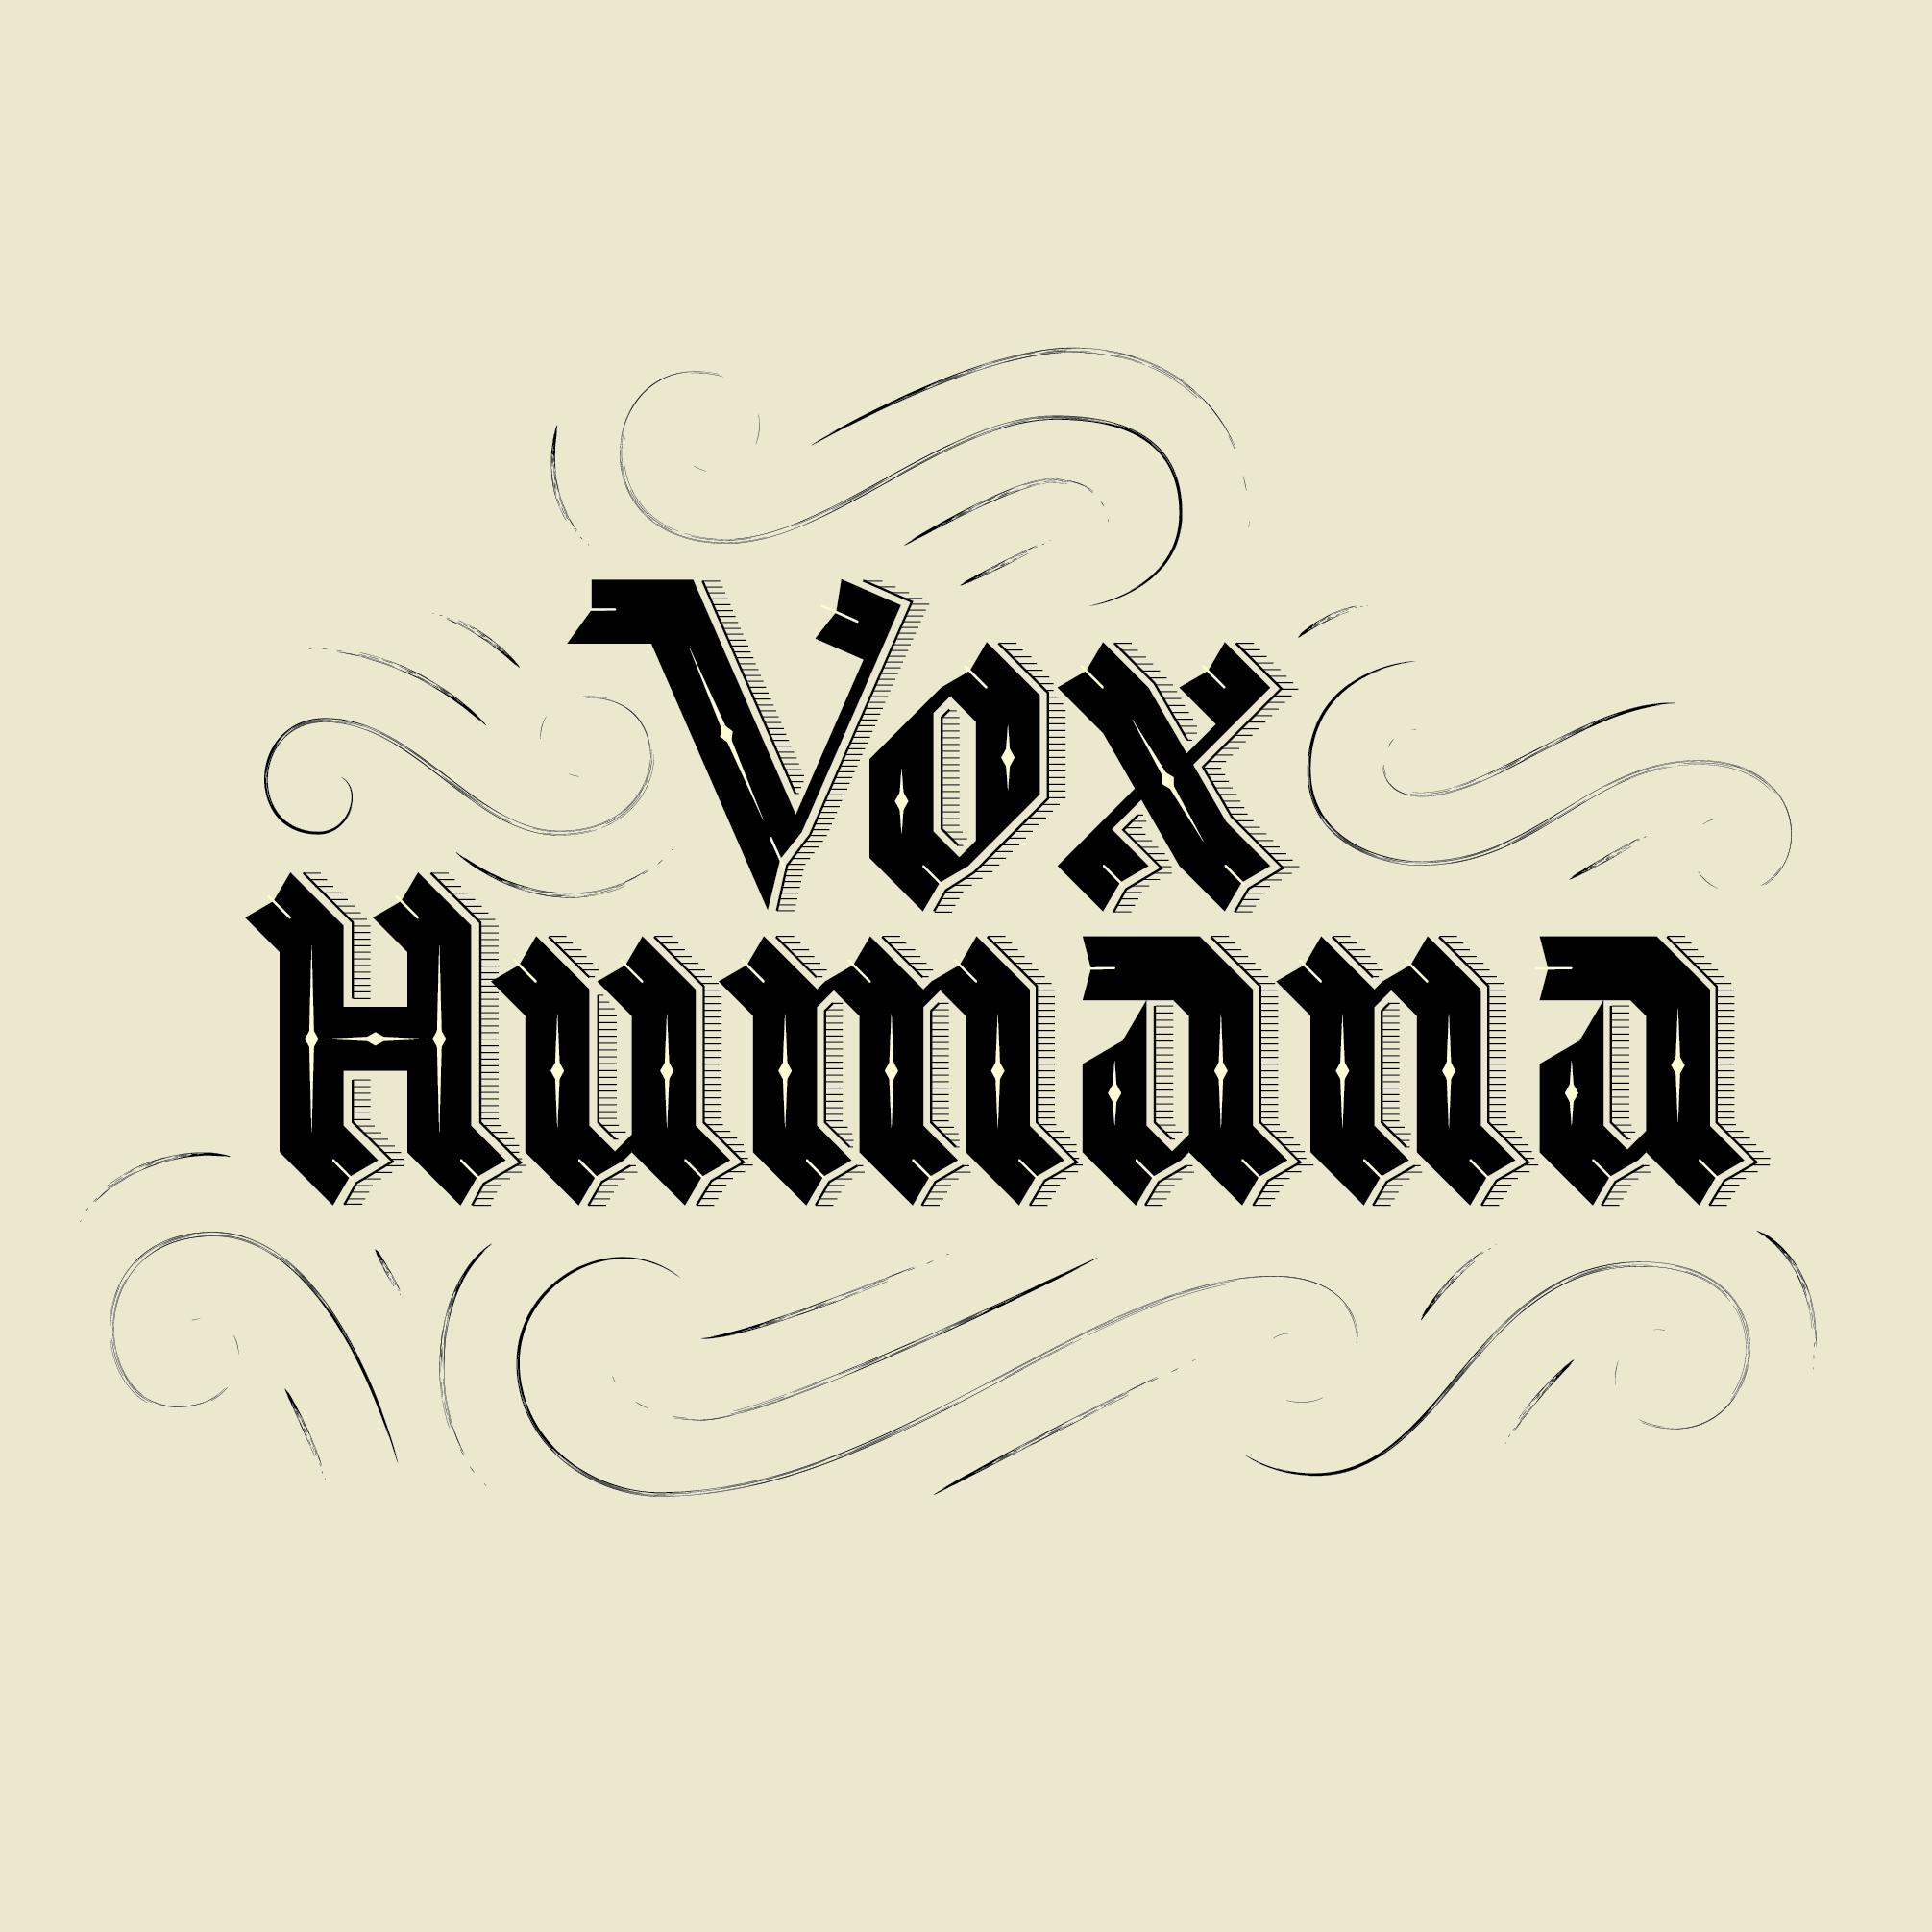 vox_blackletter.png